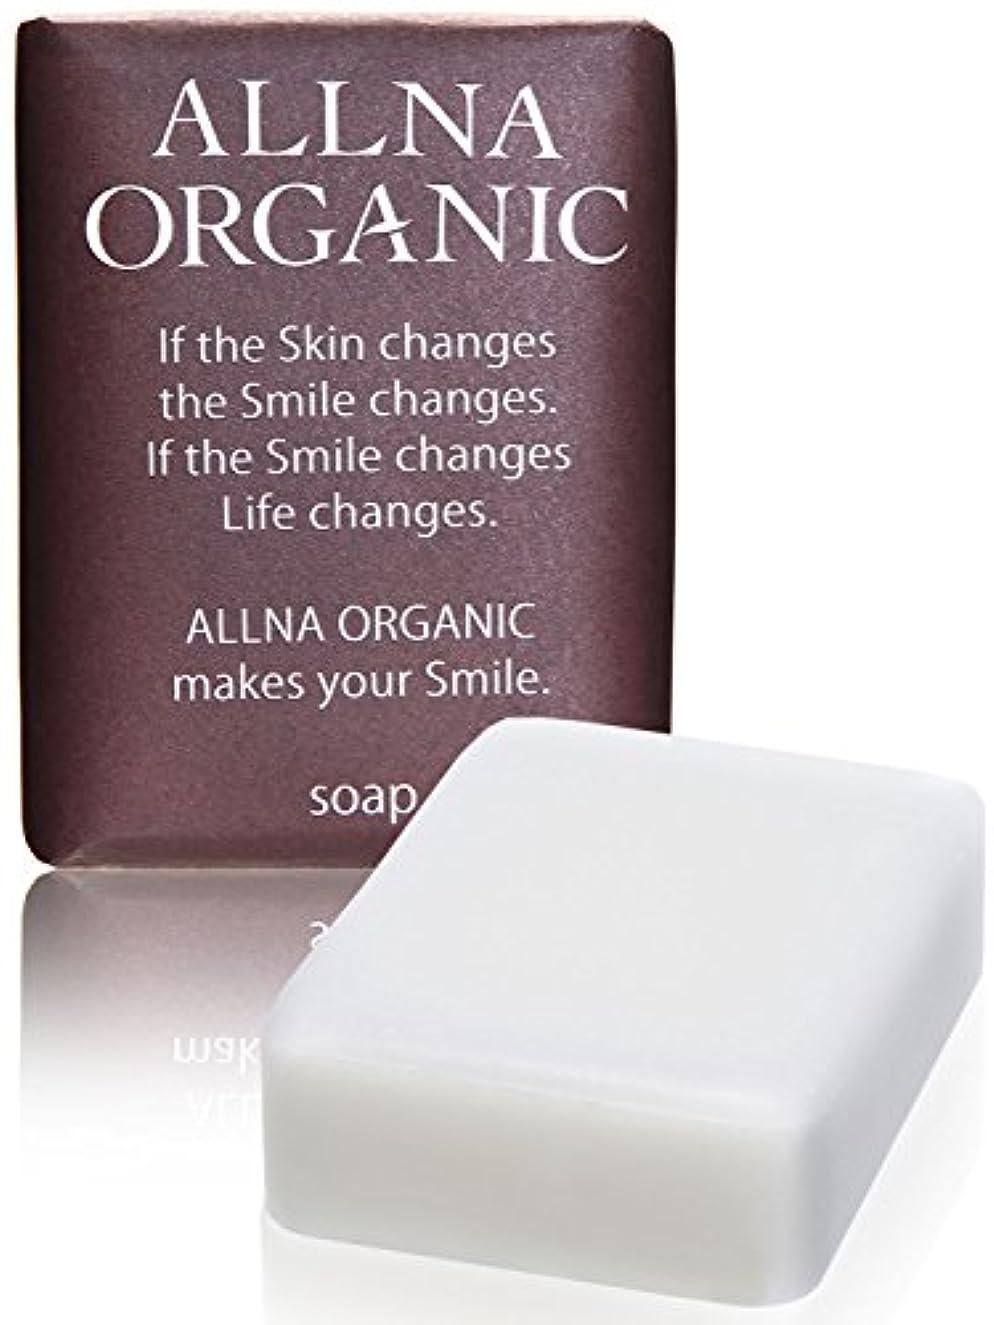 サンダルラフト反発オルナ オーガニック 石鹸 「 無添加 敏感 肌用 毛穴 対策 洗顔石鹸 」「 コラーゲン 3種 + ヒアルロン酸 4種 + ビタミンC 4種 + セラミド 配合」 保湿 固形 洗顔 せっけん バスサイズ 100g